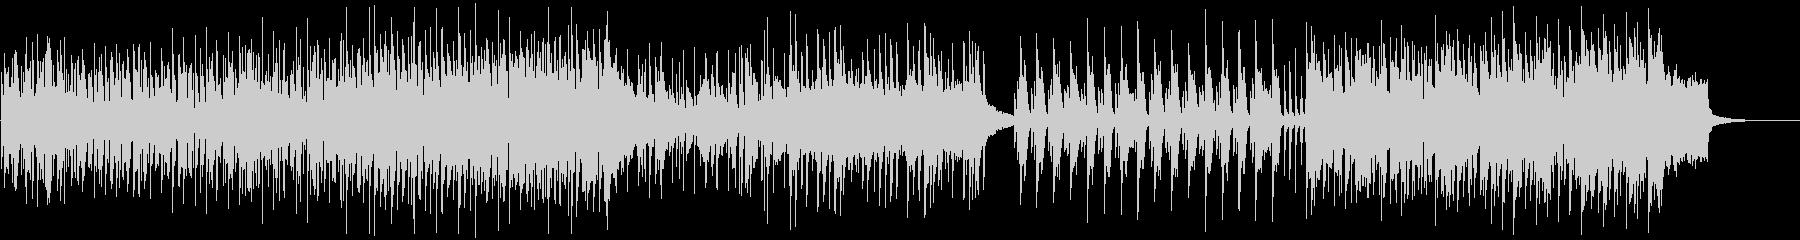 キラキラとシンセが都会的なEDMポップスの未再生の波形